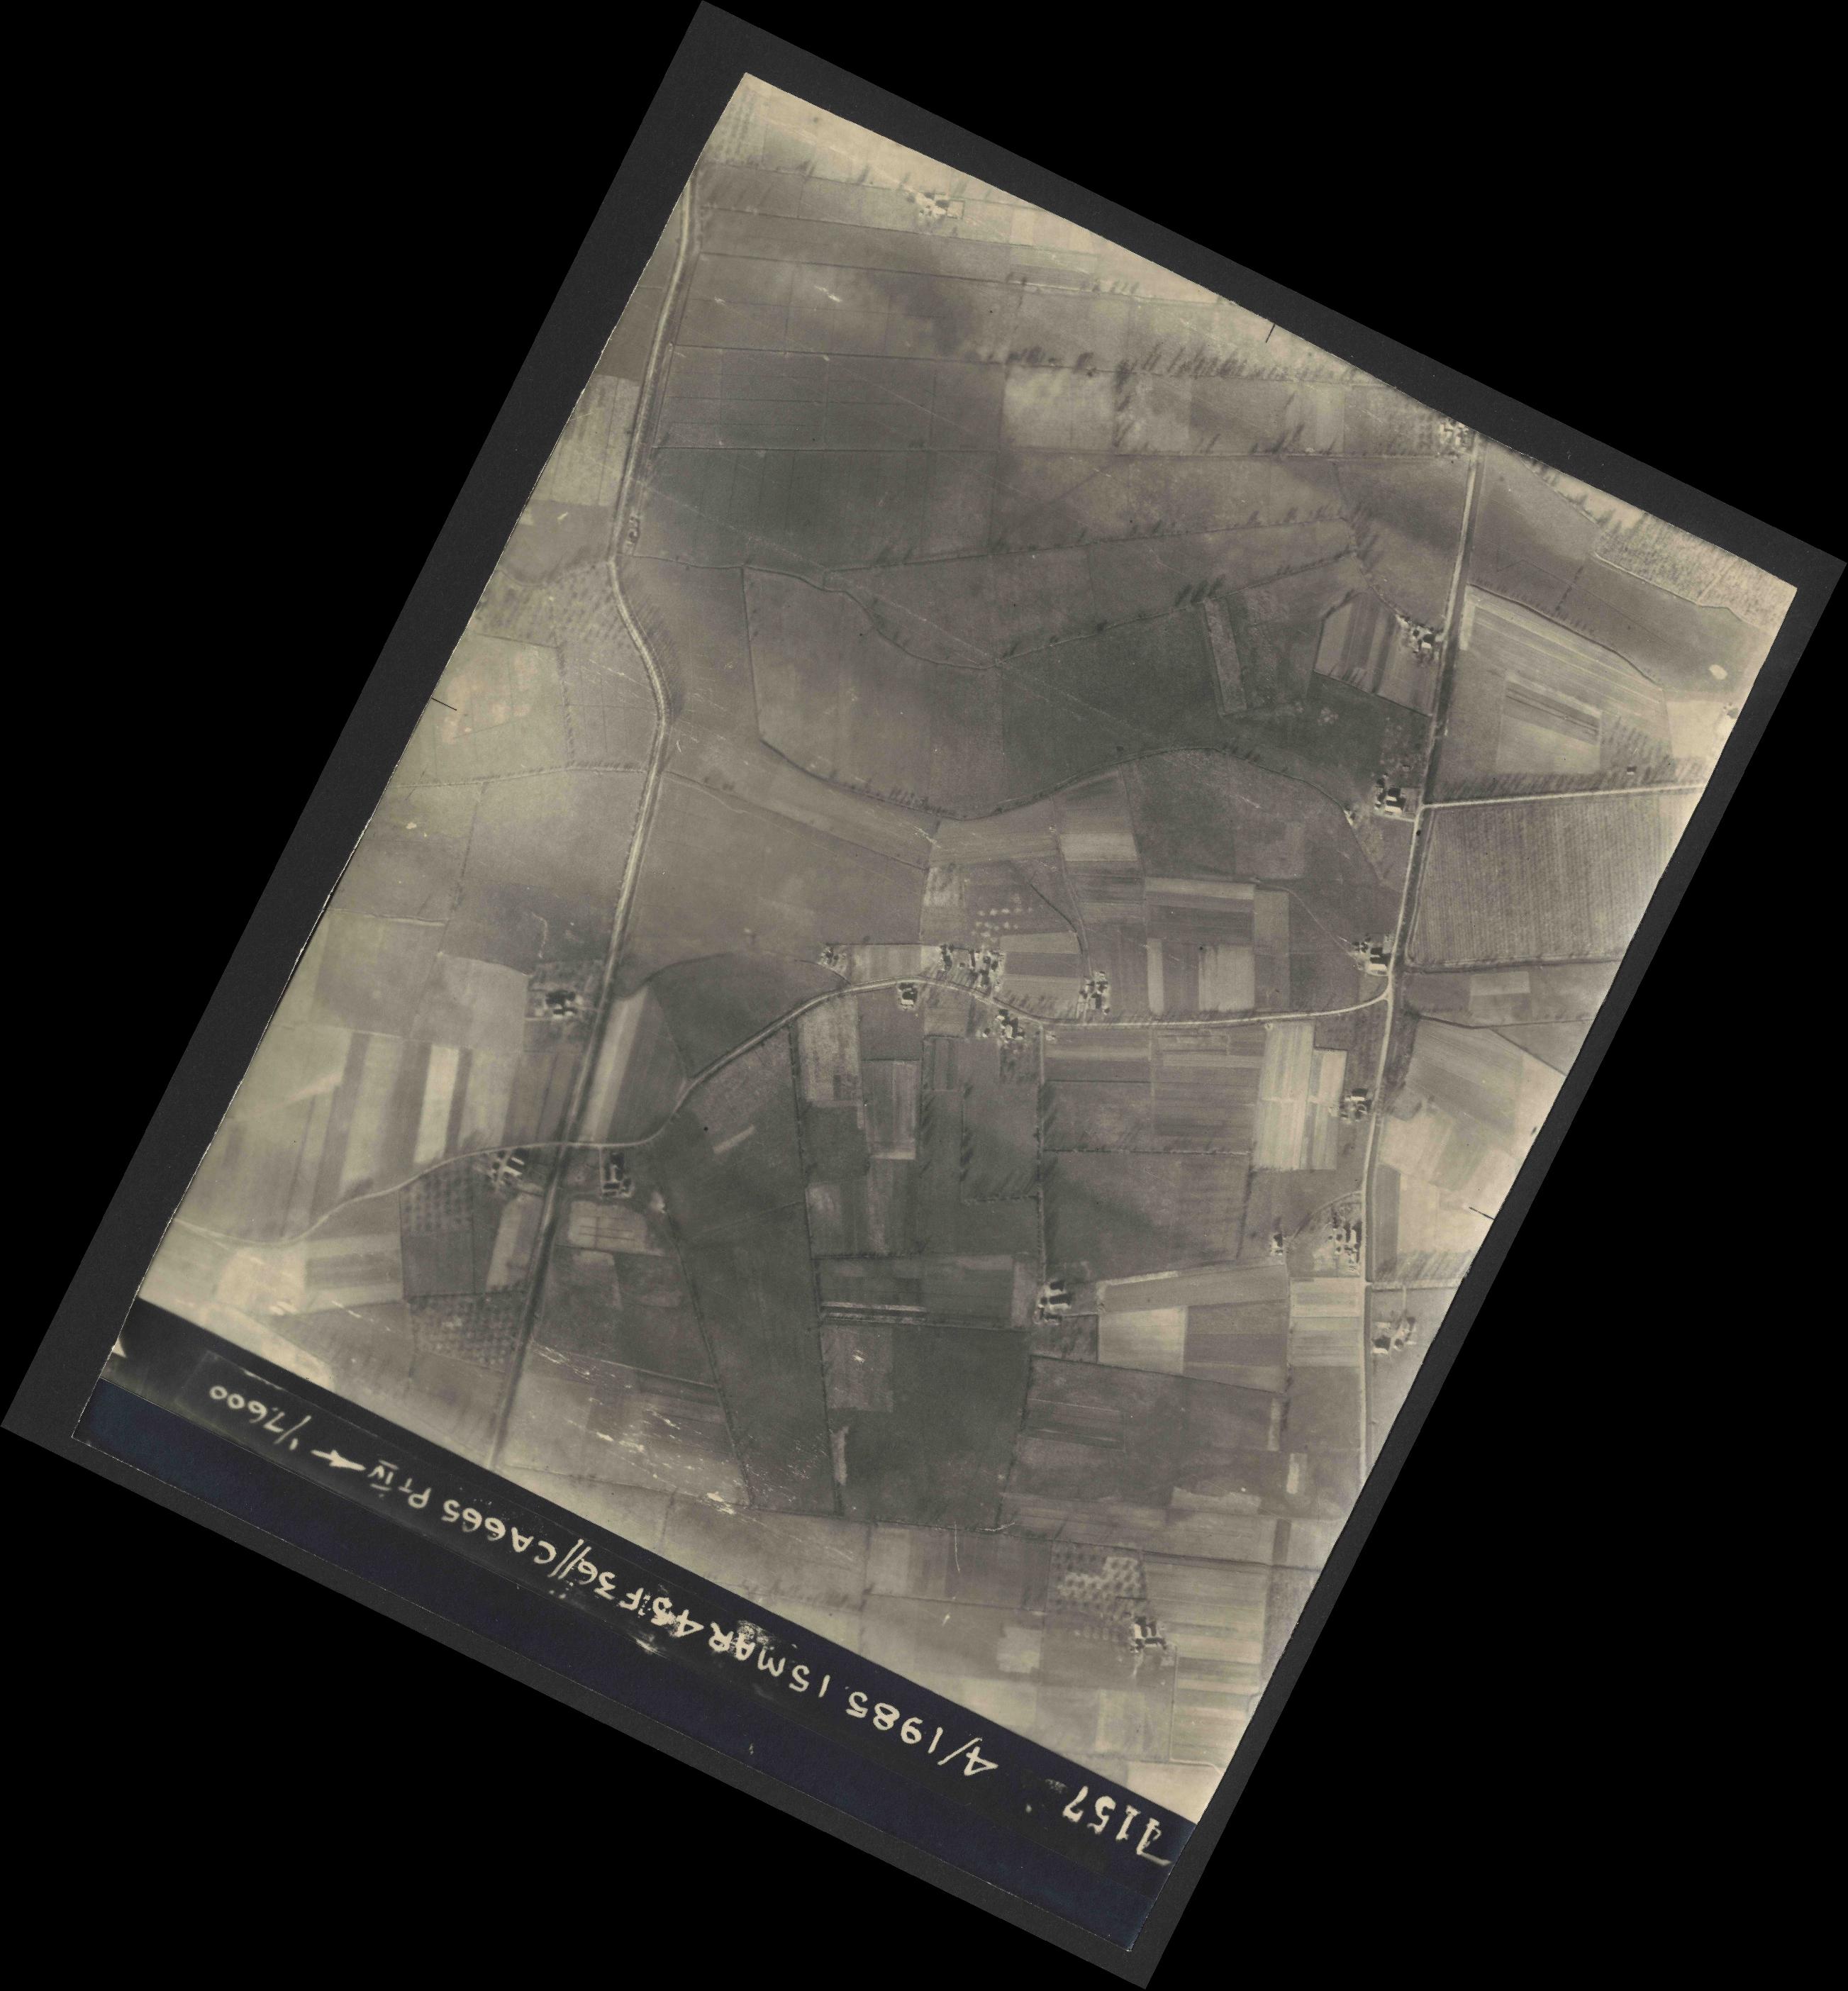 Collection RAF aerial photos 1940-1945 - flight 059, run 06, photo 4157